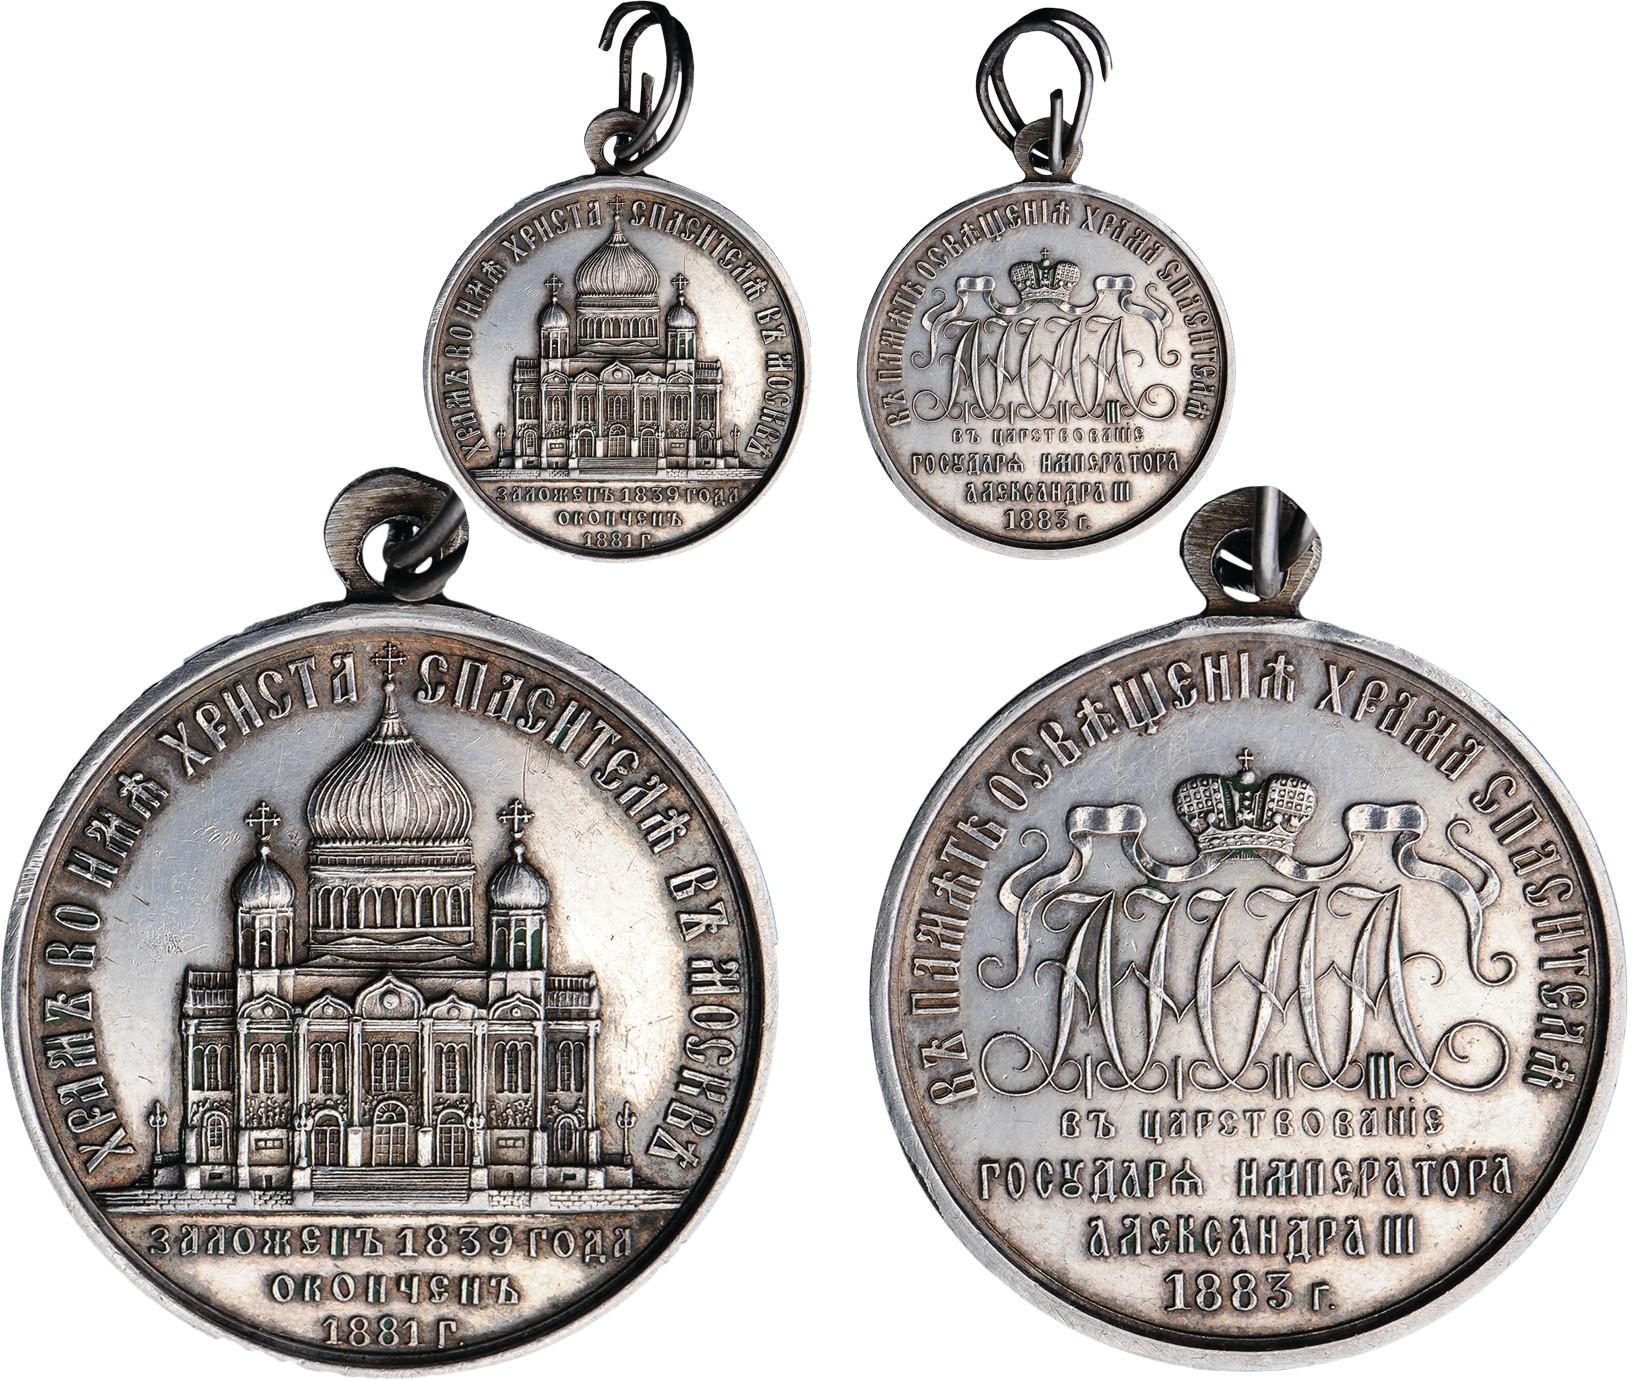 Наградная медаль «В память освящения Храма Христа Спасителя в Москве. 1883 г.»